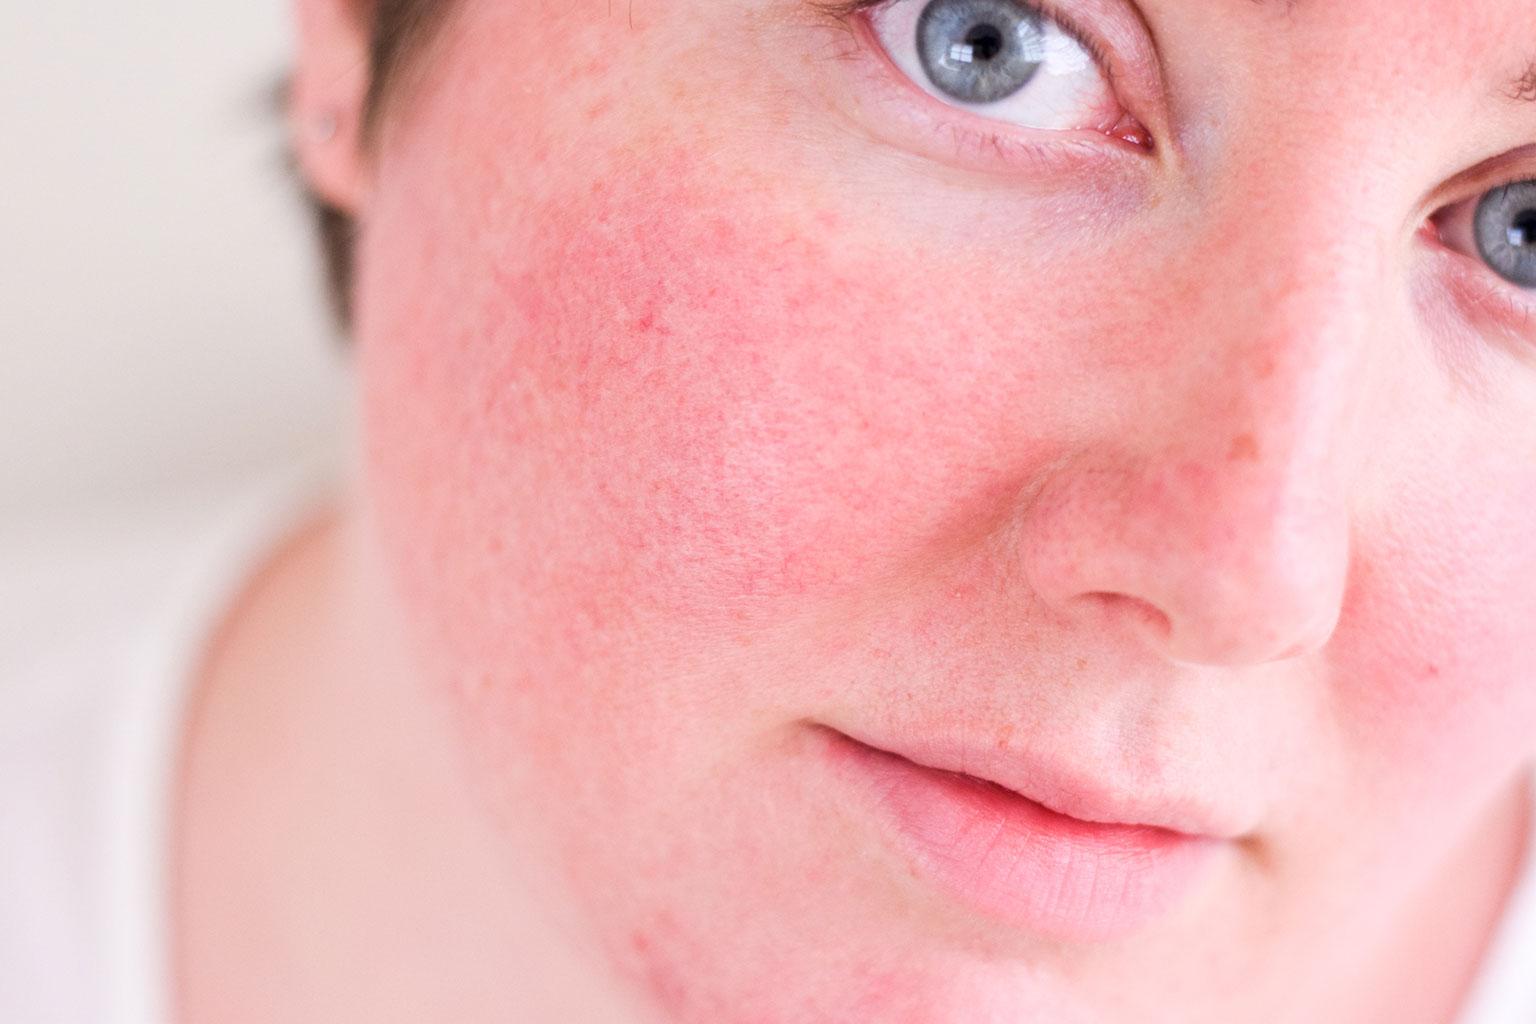 Гиперемия кожи - что это такое, симптомы и лечение, фото